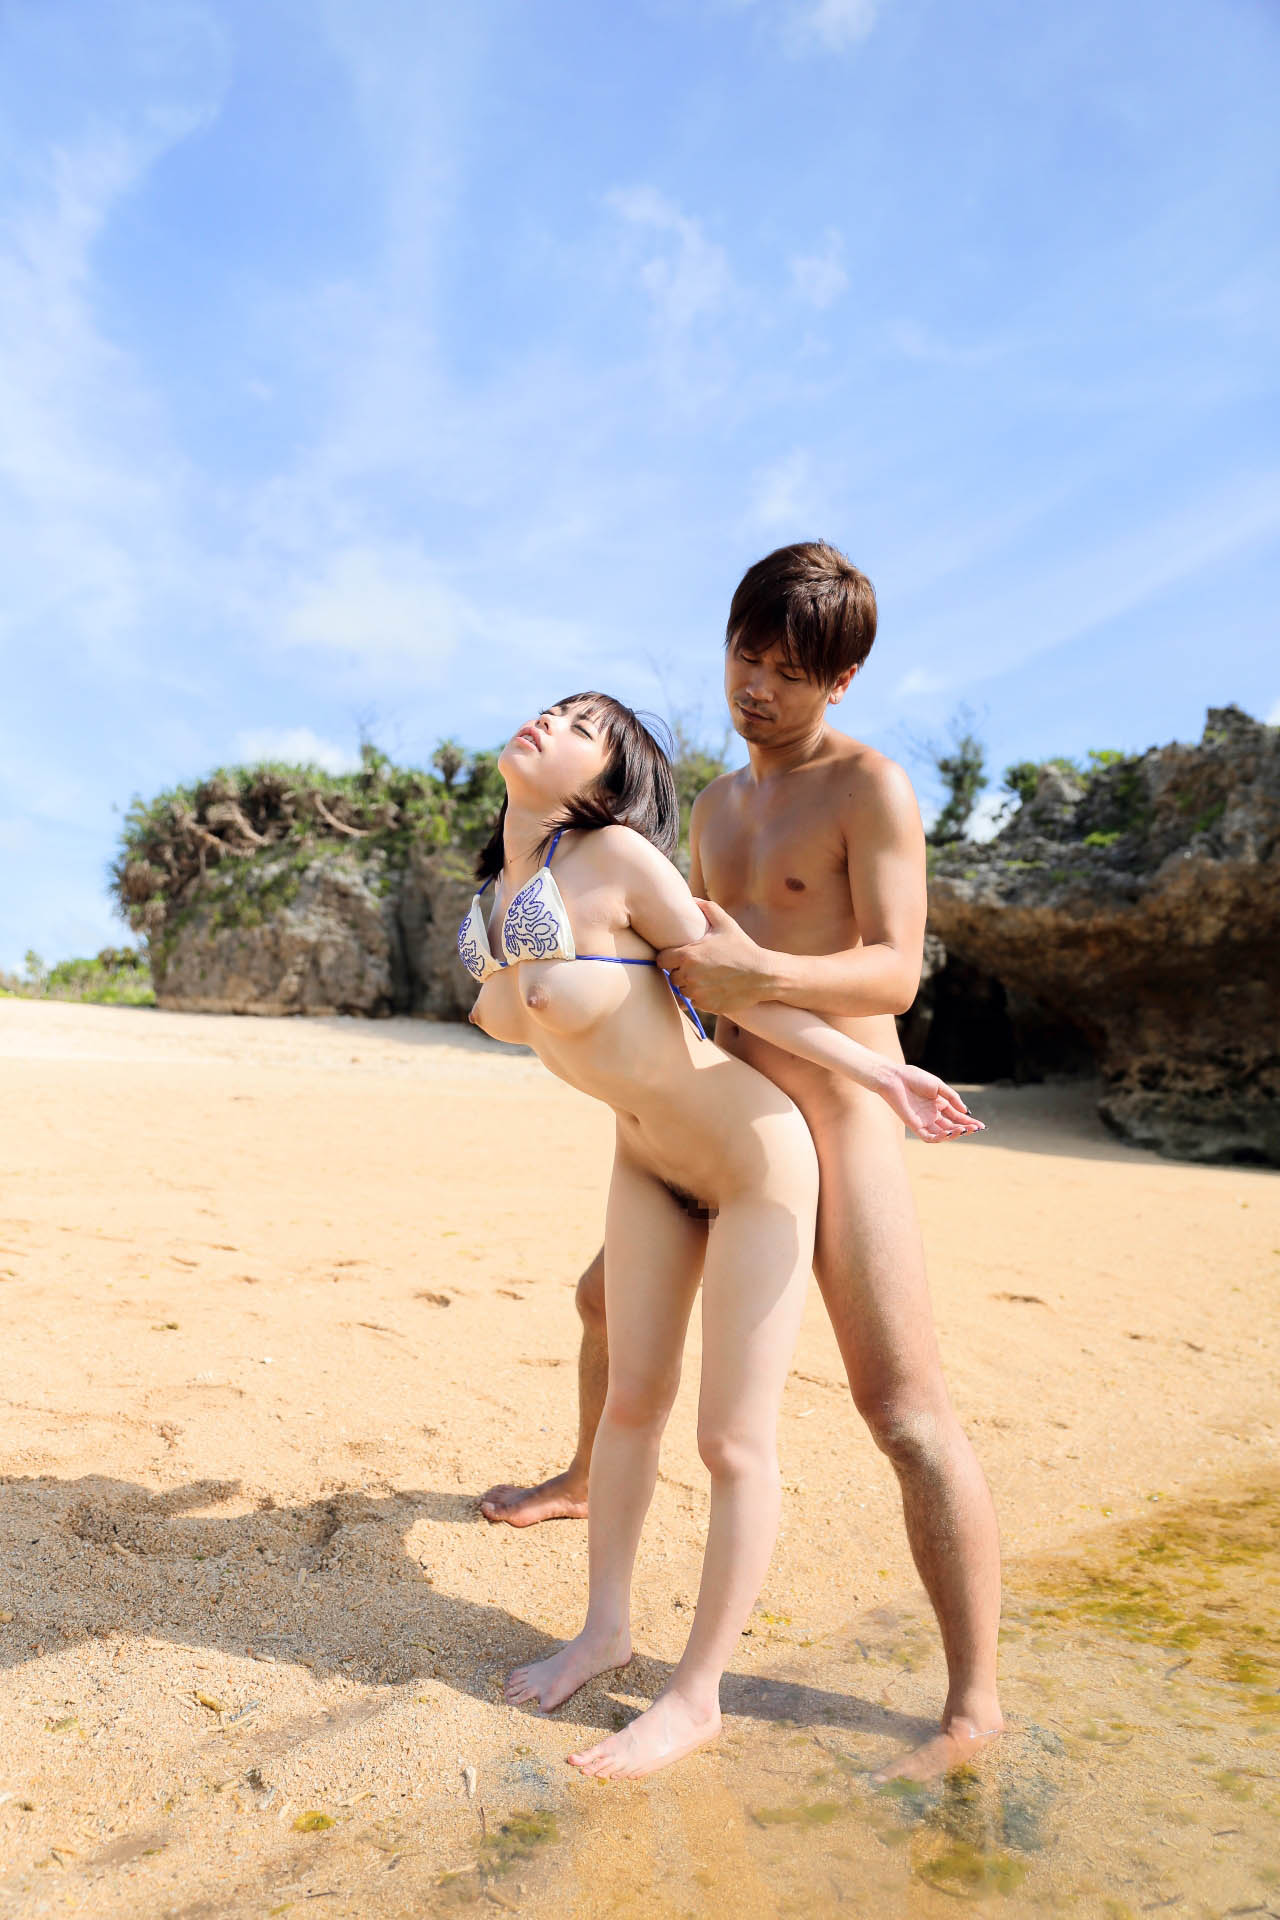 ビーチでセクシー美女がイキ顔見せて感じてる!